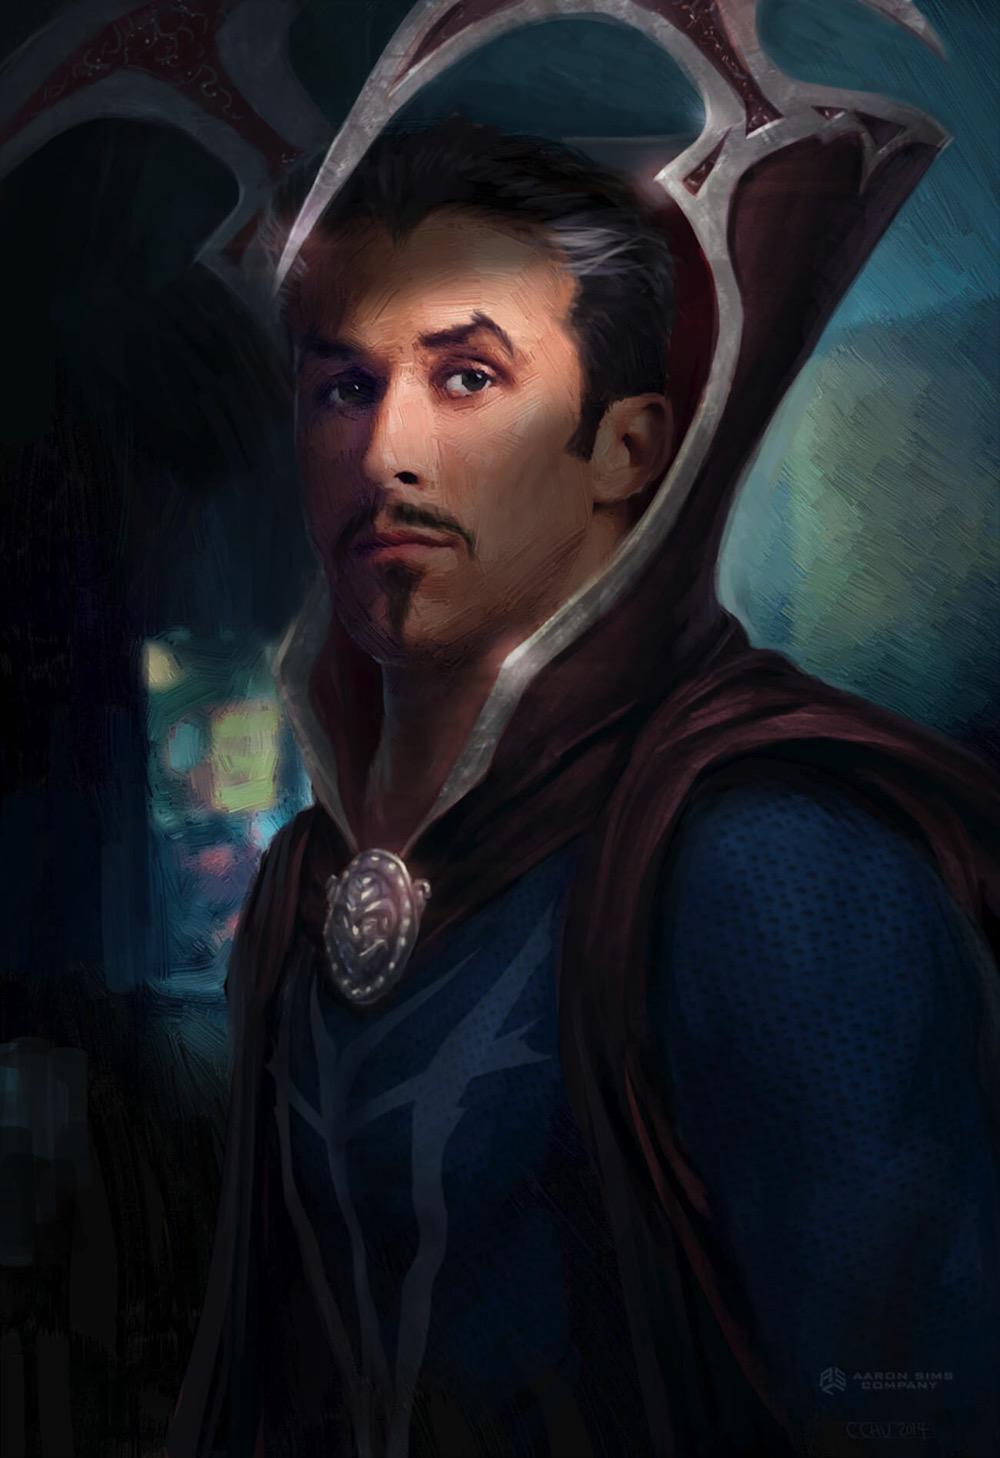 Ryan gosling doctor strange concept art